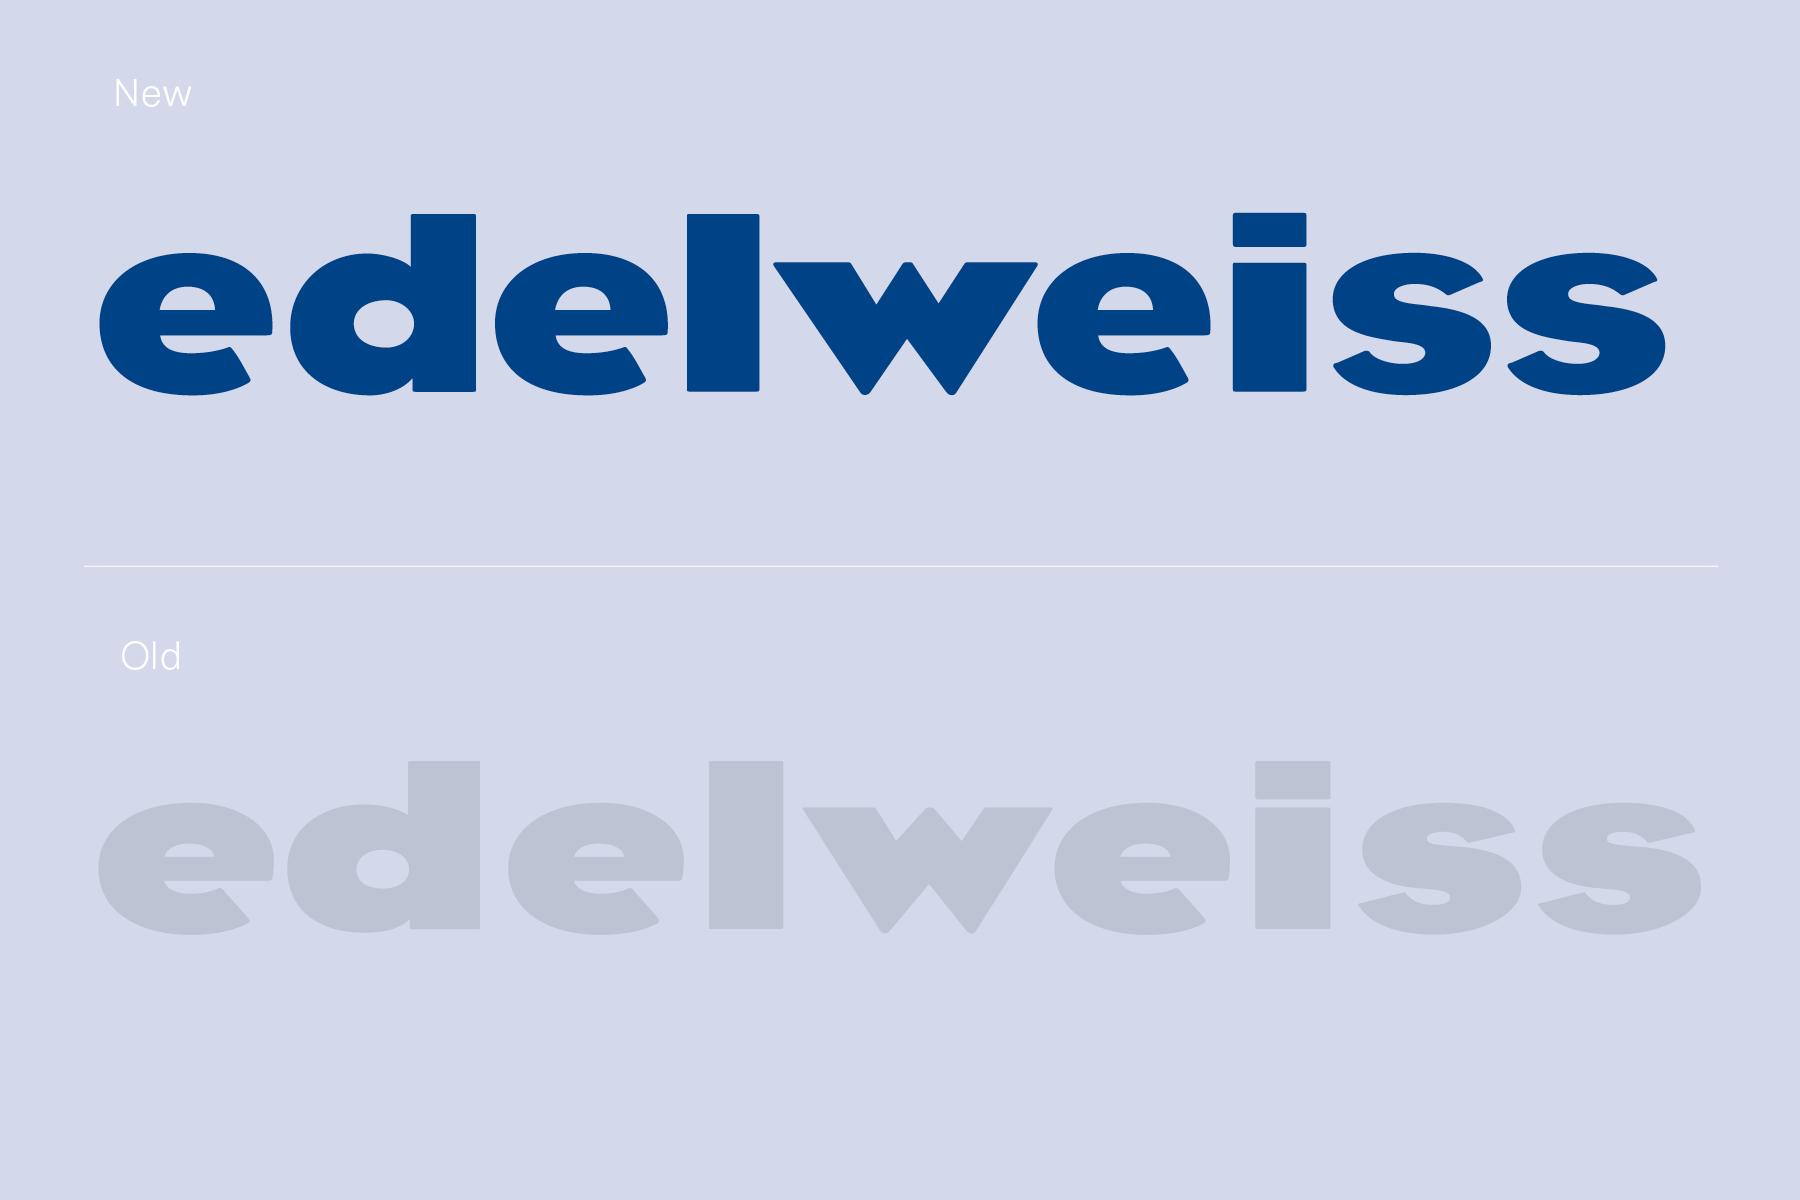 Nouvelle_Noire_TS_Edelweiss-2